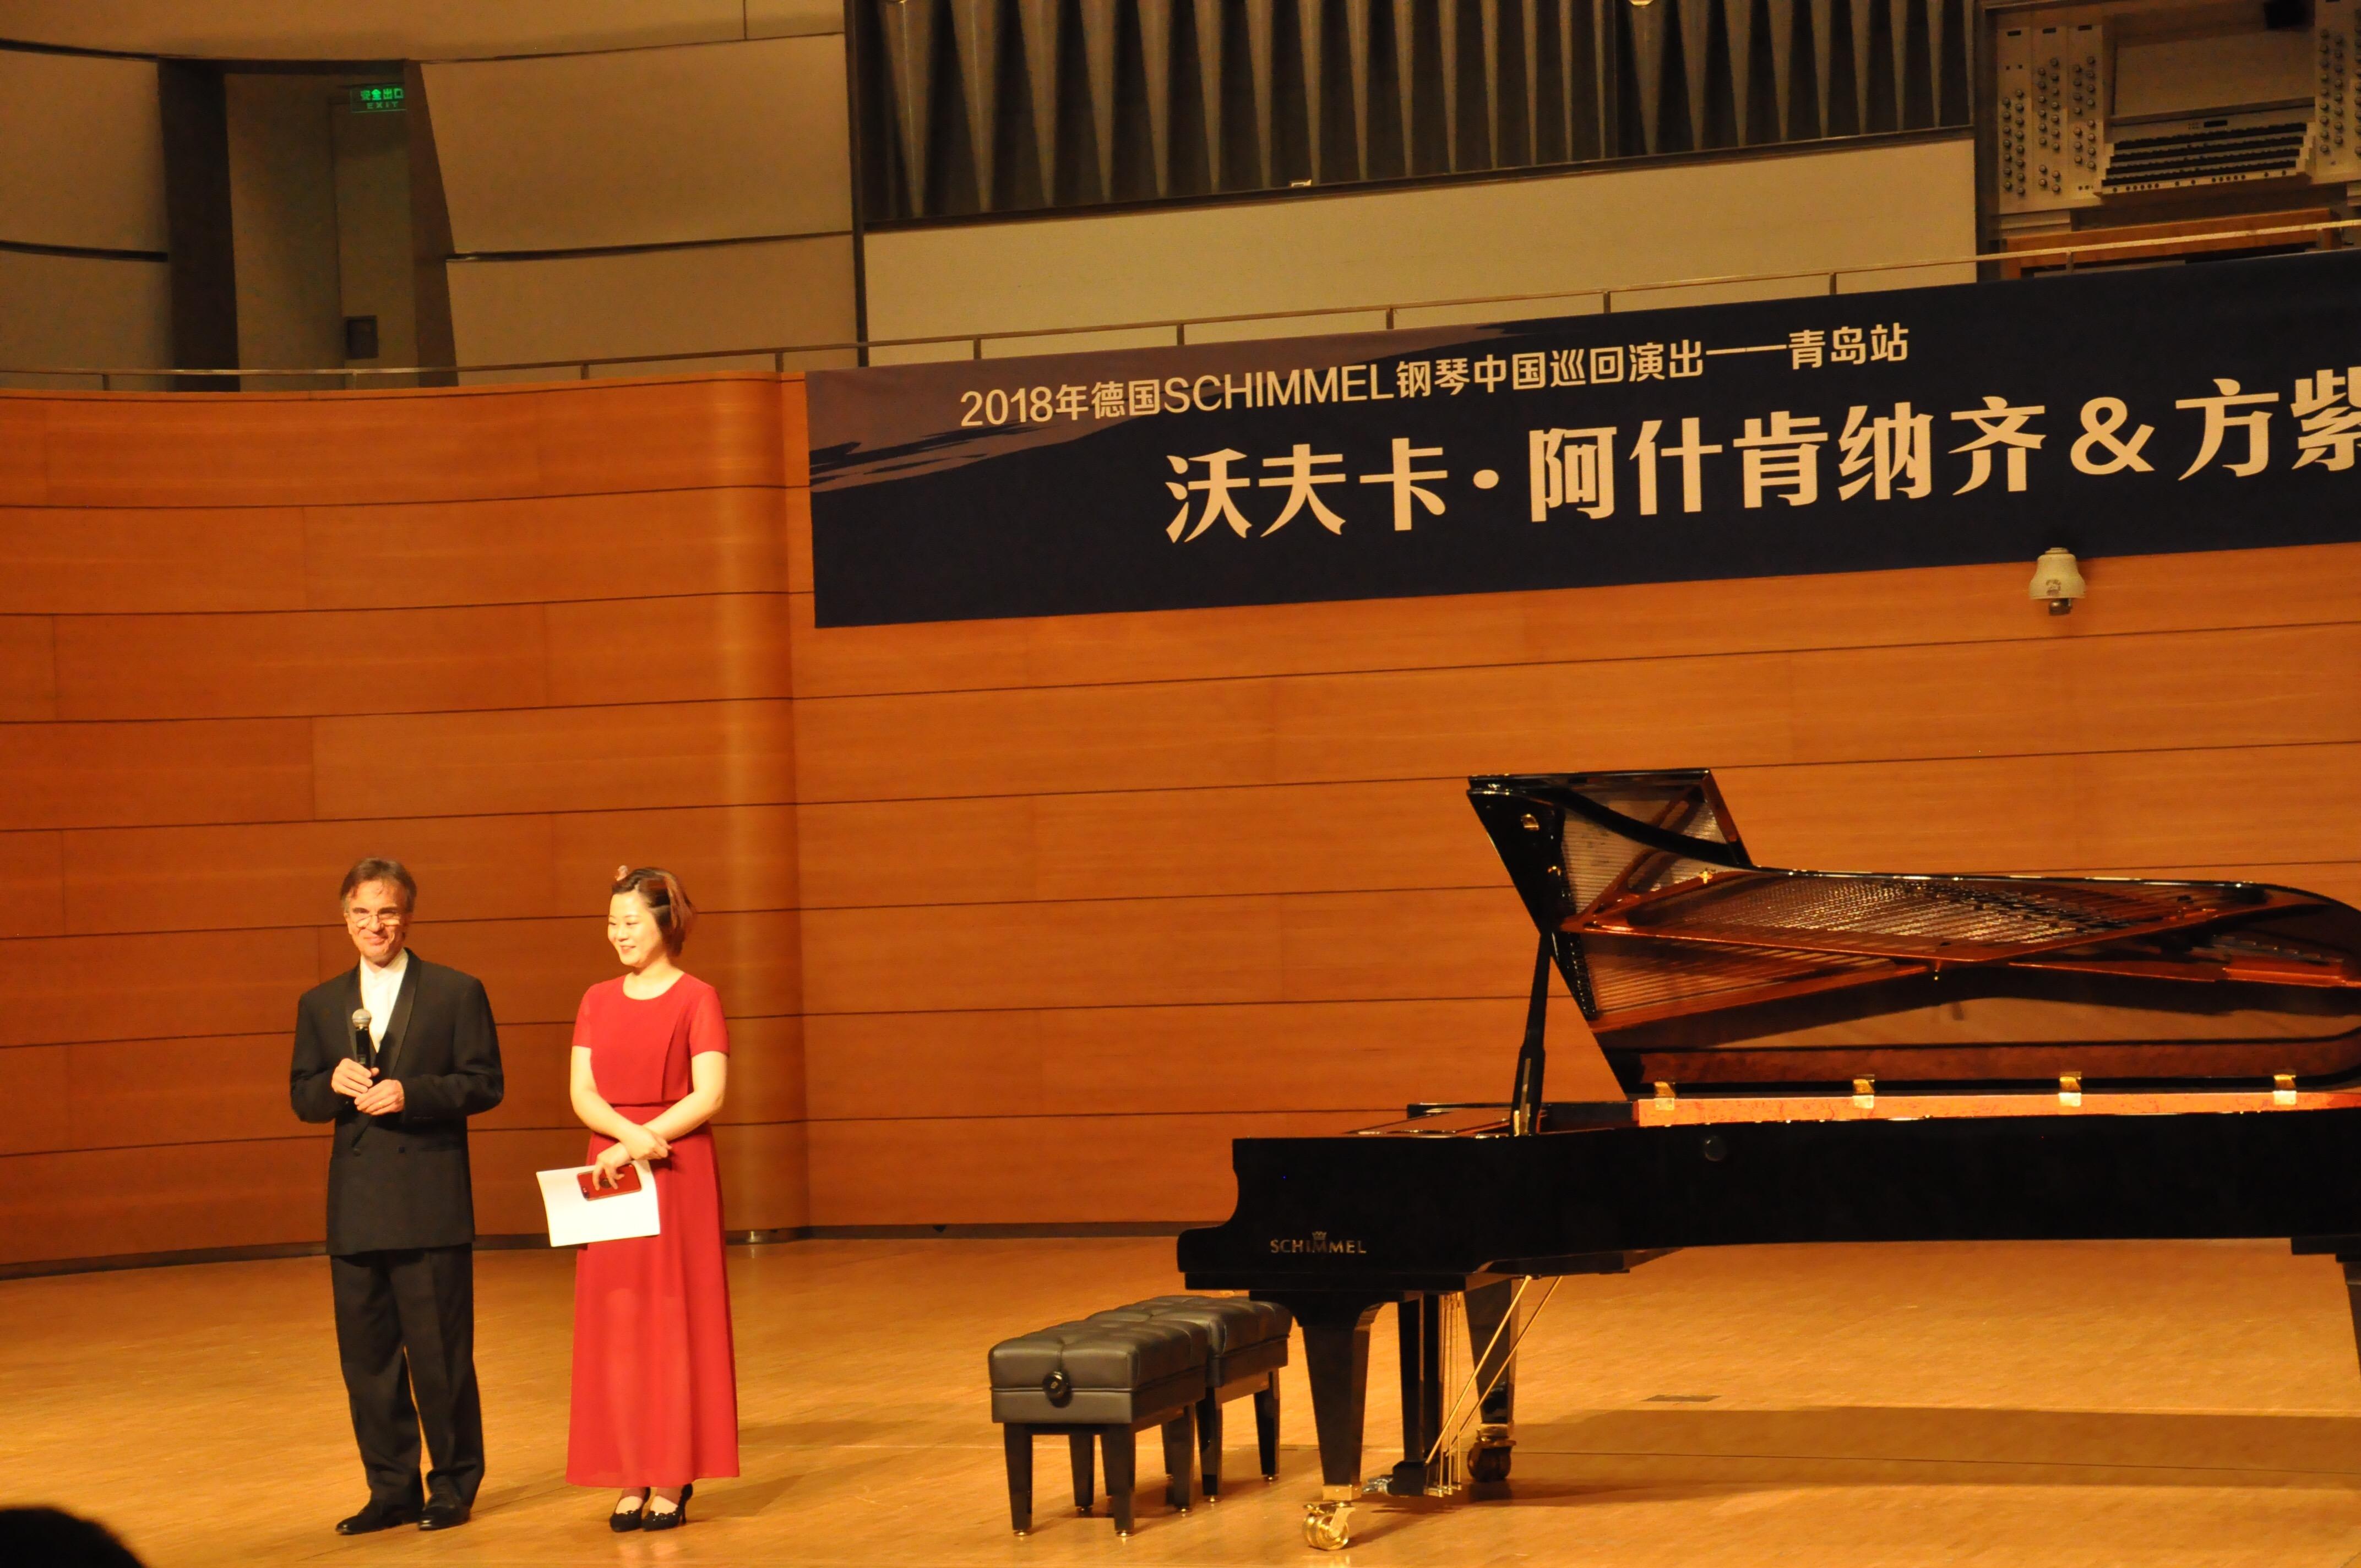 故地重访 | 2018年德国SCHIMMEL钢琴中国巡回演出青岛站精彩回顾